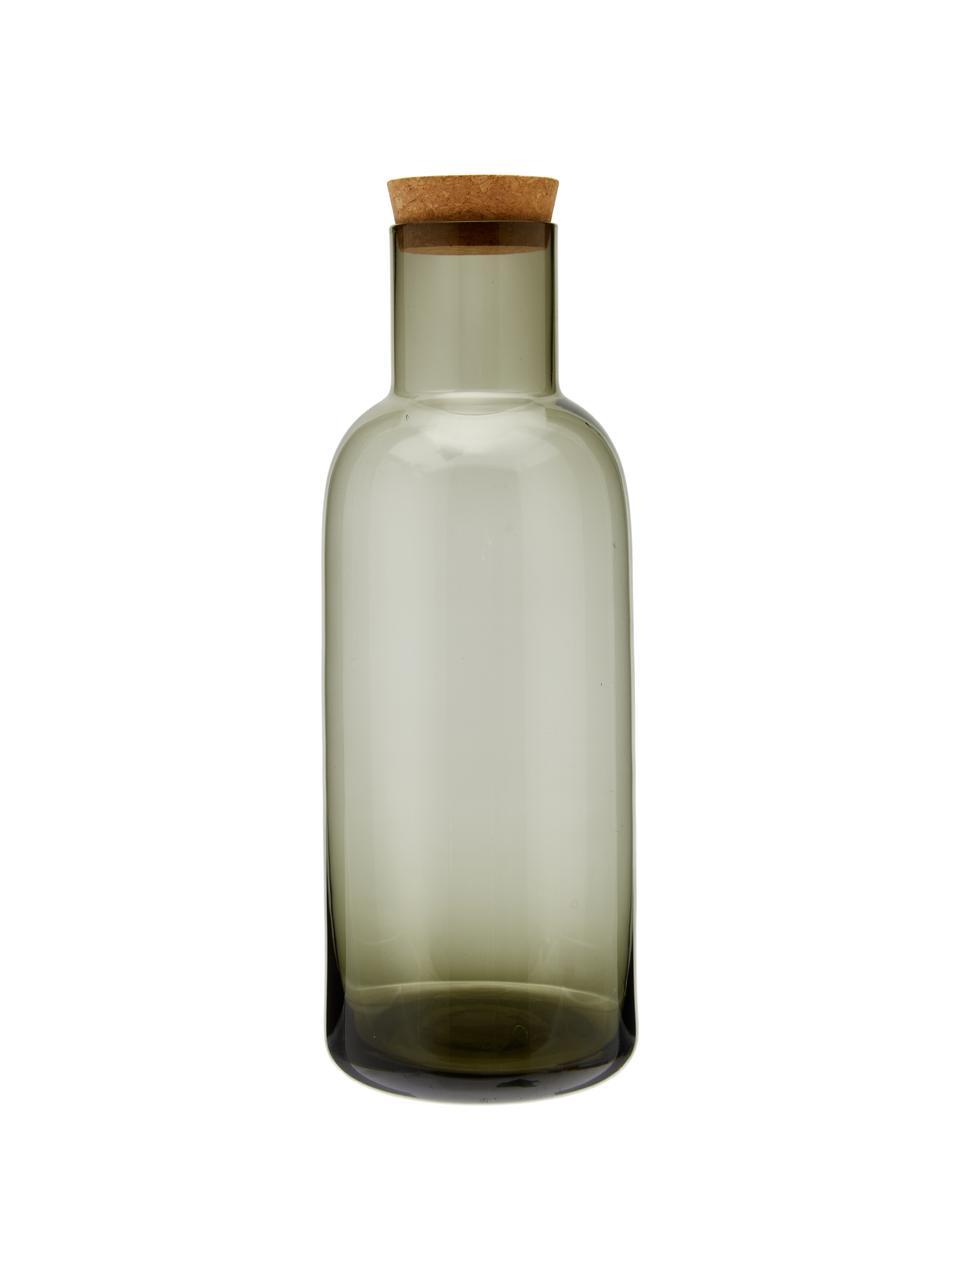 Caraffa grigia trasparente Clearance, Coperchio: sughero, Grigio trasparente, 1 L